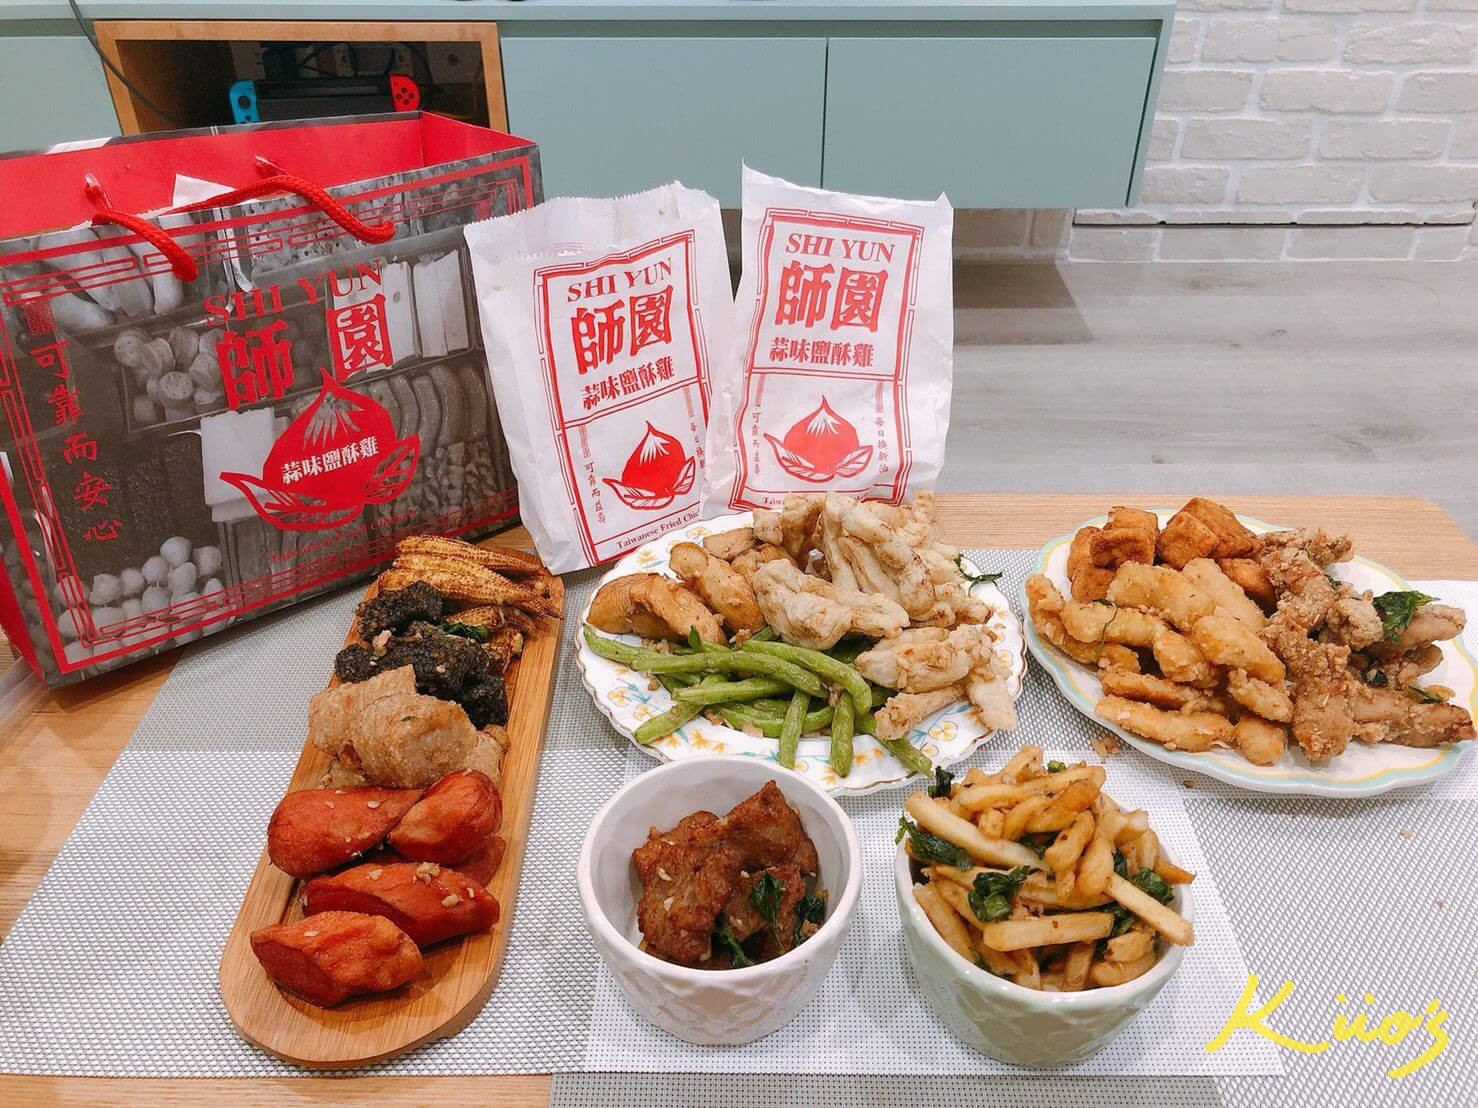 【台北必吃推薦】師園鹹酥雞-7折吃到地表最濃蒜味人氣美食(師大、西門店